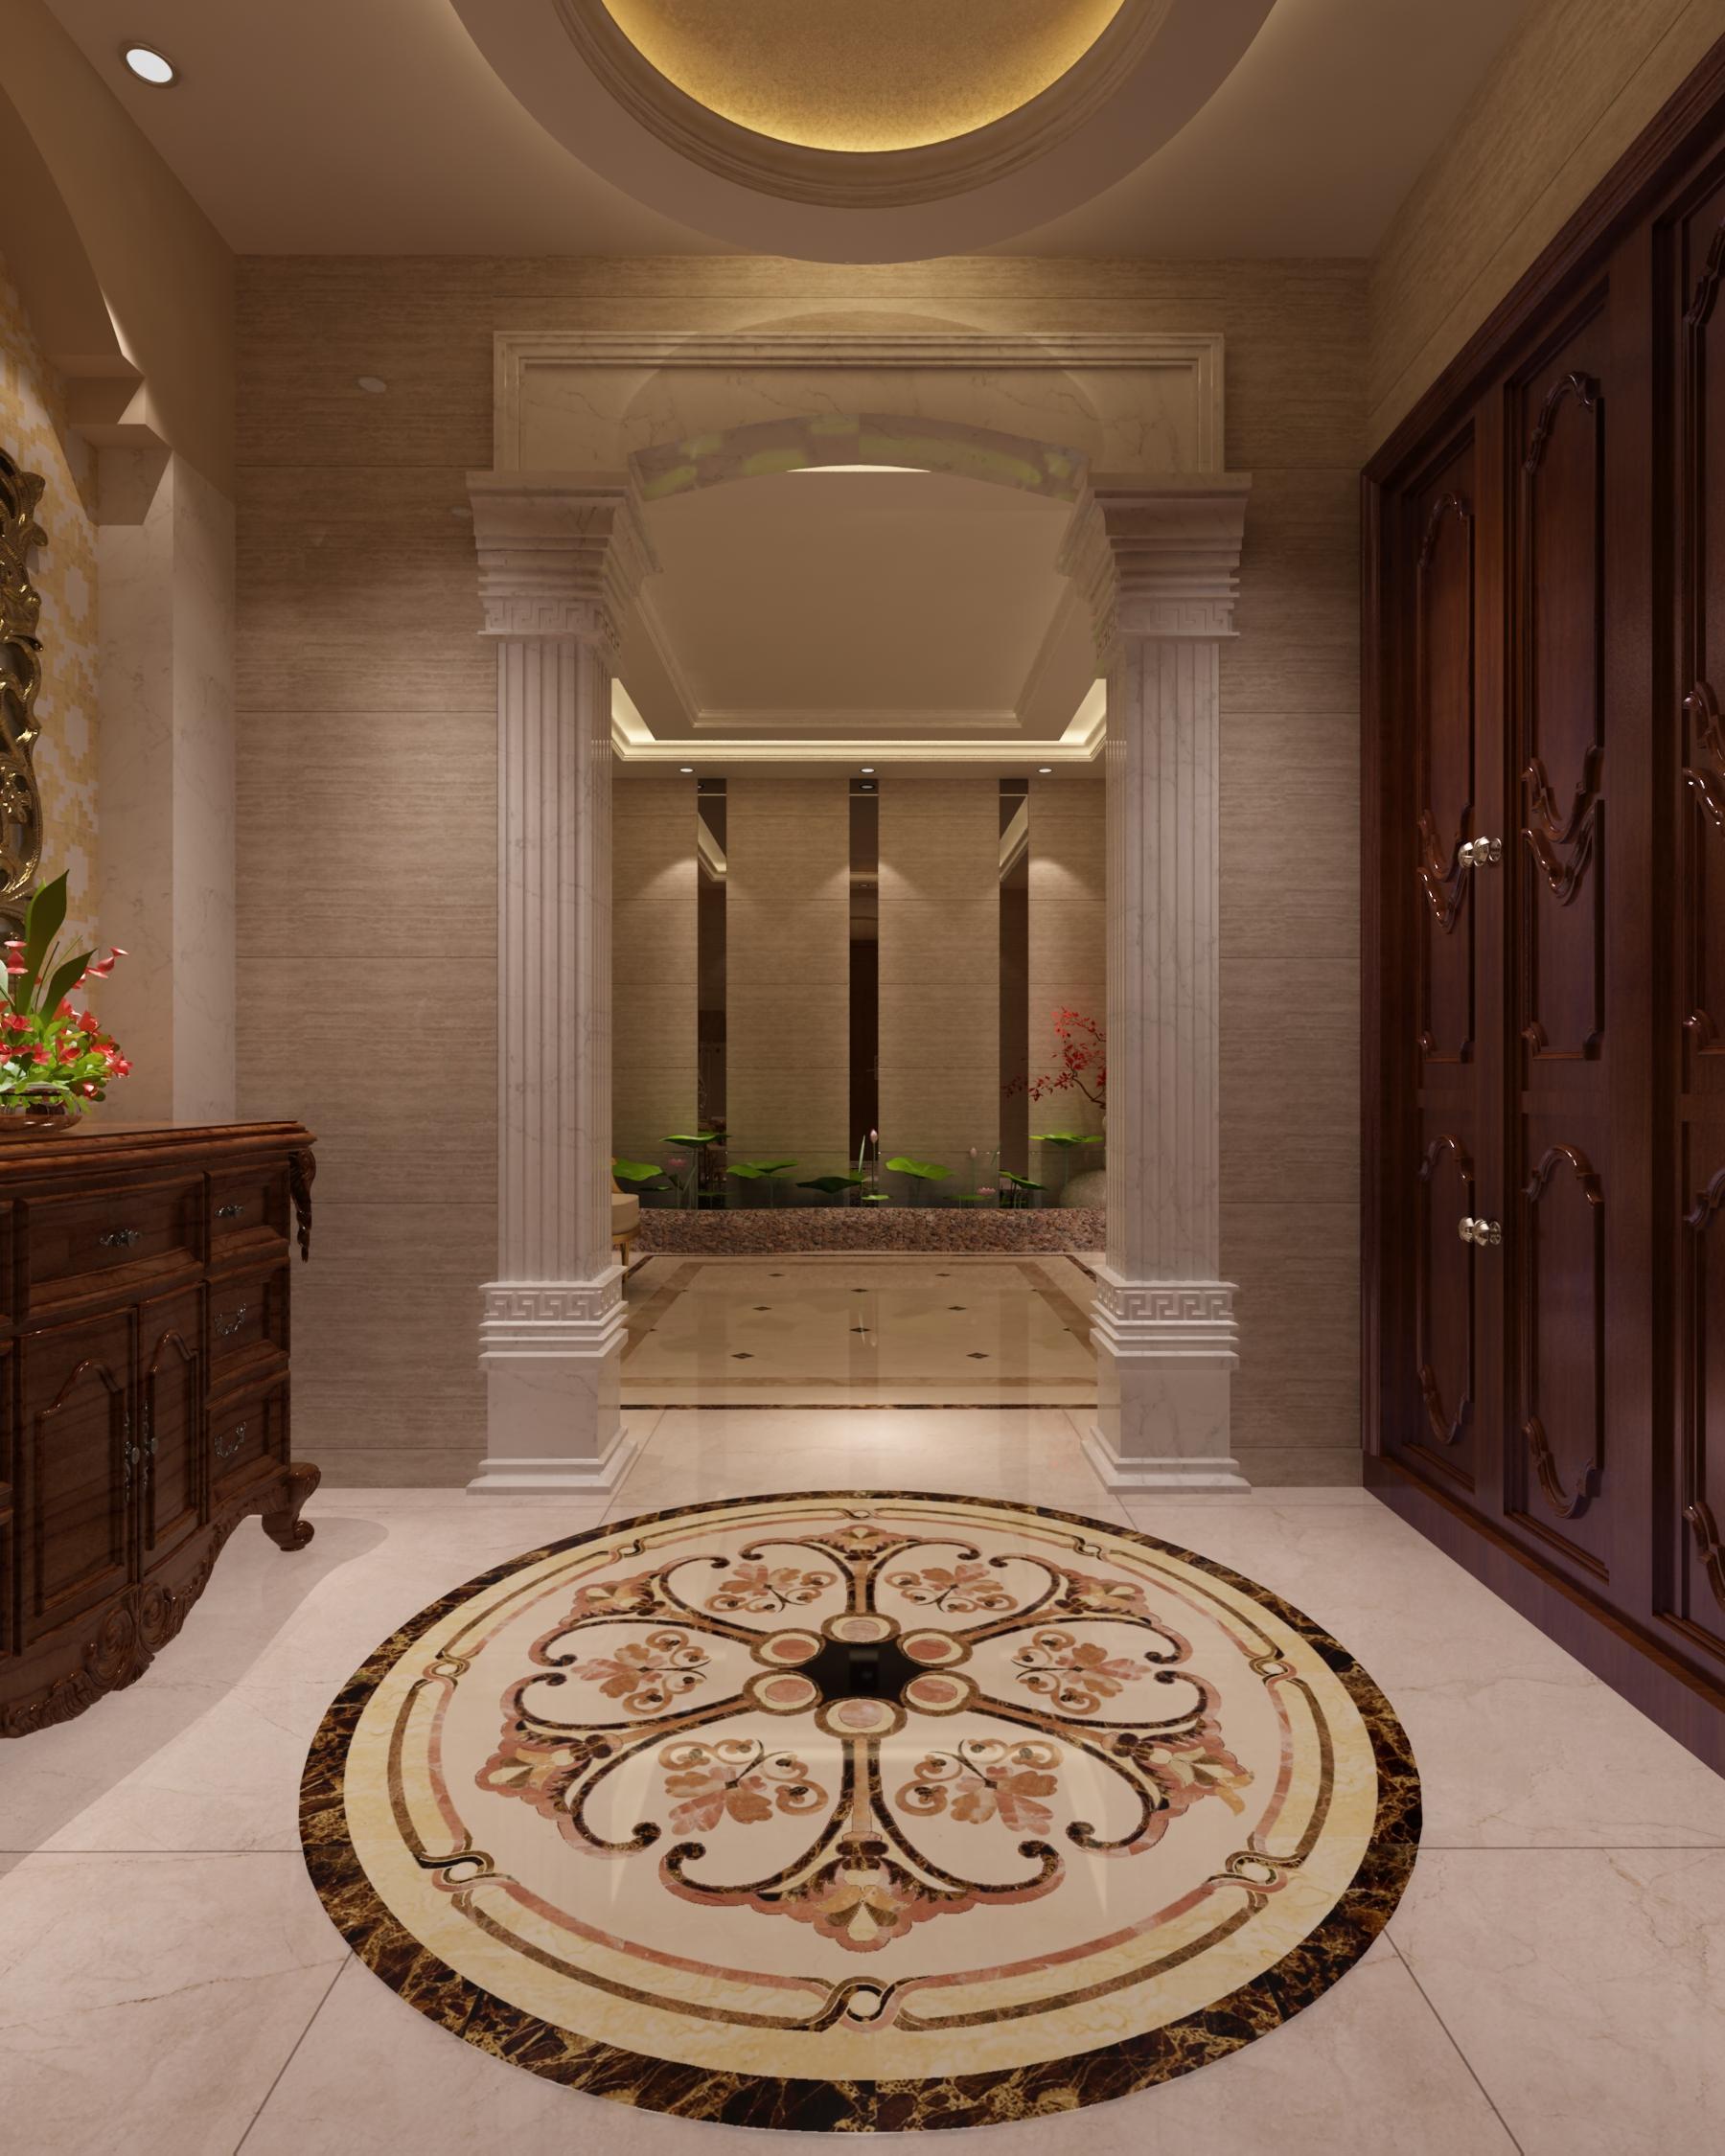 别墅 豪华 自建房 欧式 其他图片来自昆明九创装饰温舒德在超级豪华大别墅,有钱就是任性的分享